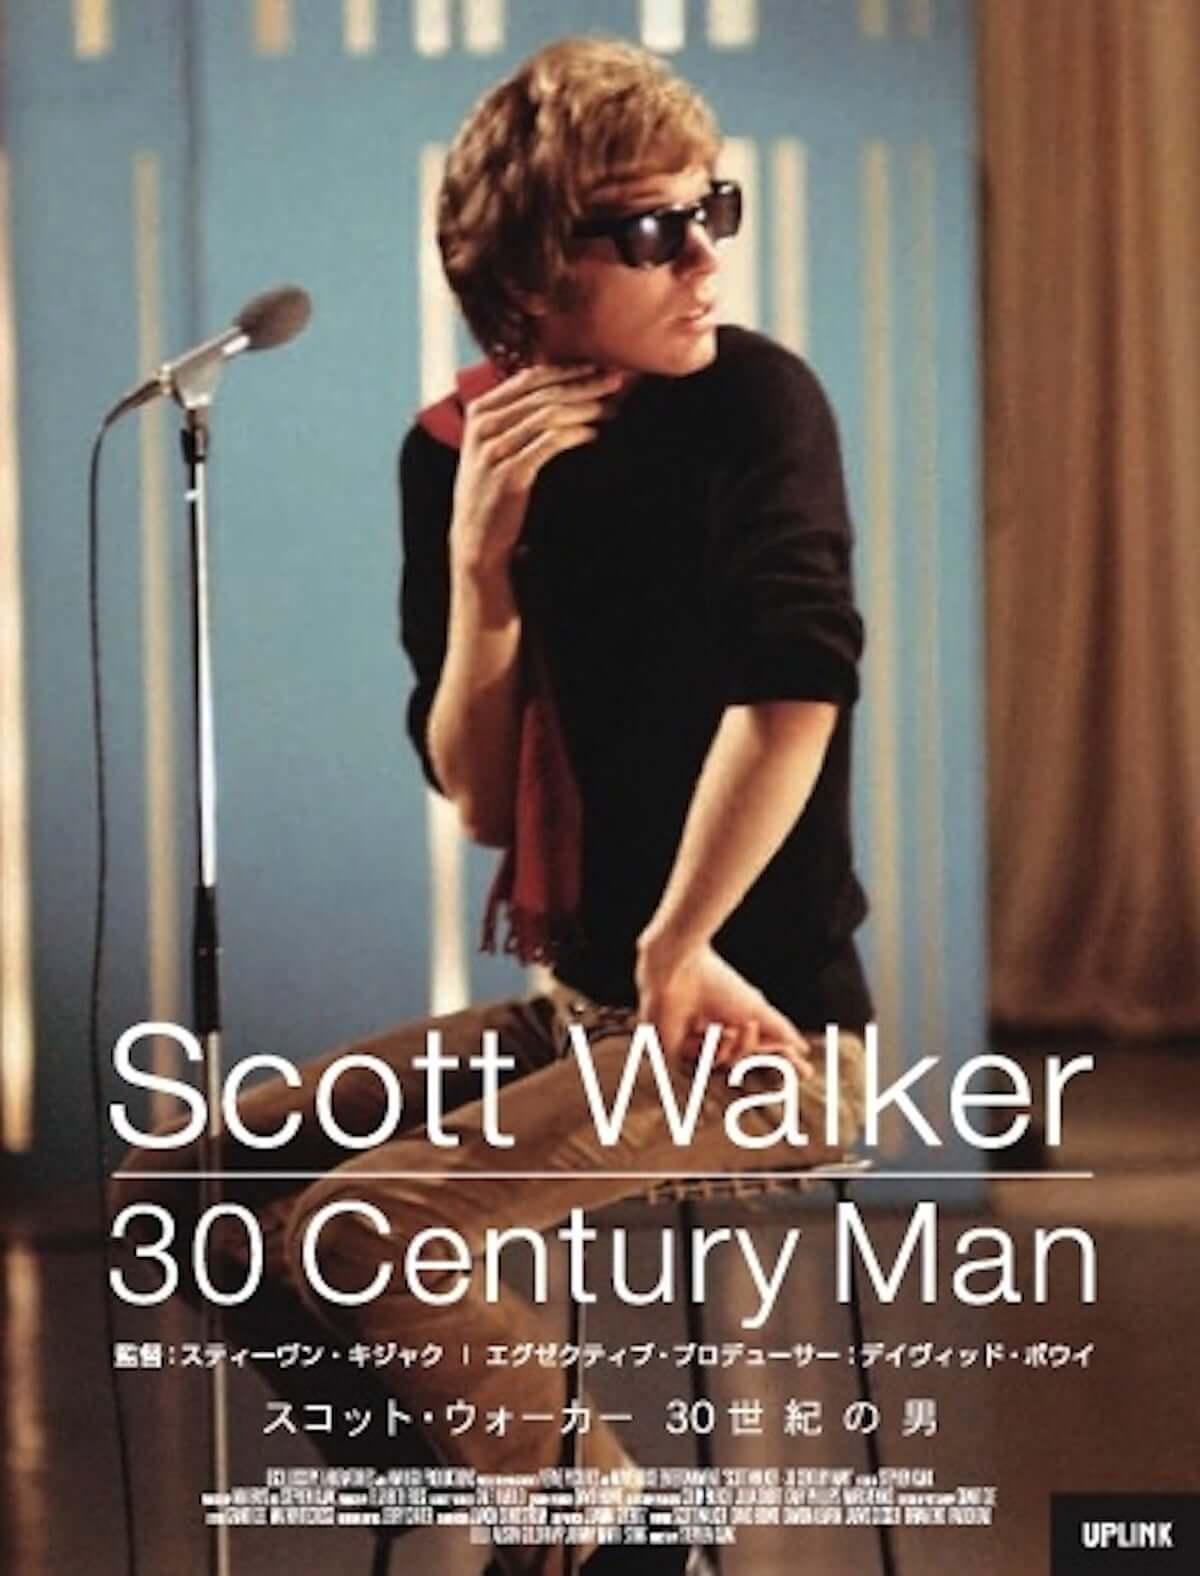 スコット・ウォーカー追悼企画、映画『スコット・ウォーカー 30世紀の男』 アップリンク渋谷で1週間限定上映決定 film190412_scottwalker_1-1200x1576